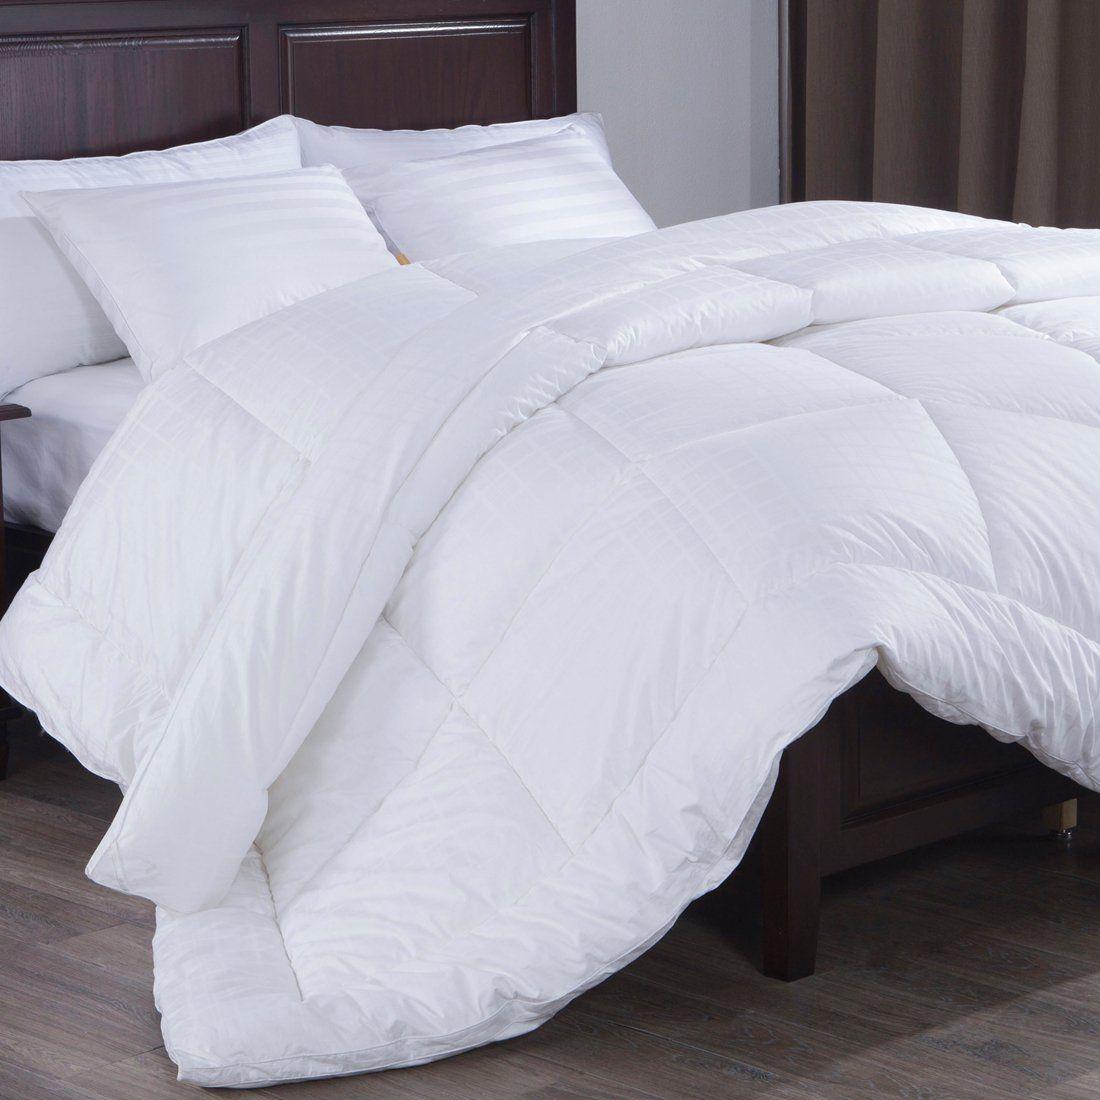 Down Alternative Comforter Duvet Insert Gusset Siding 300 Tc